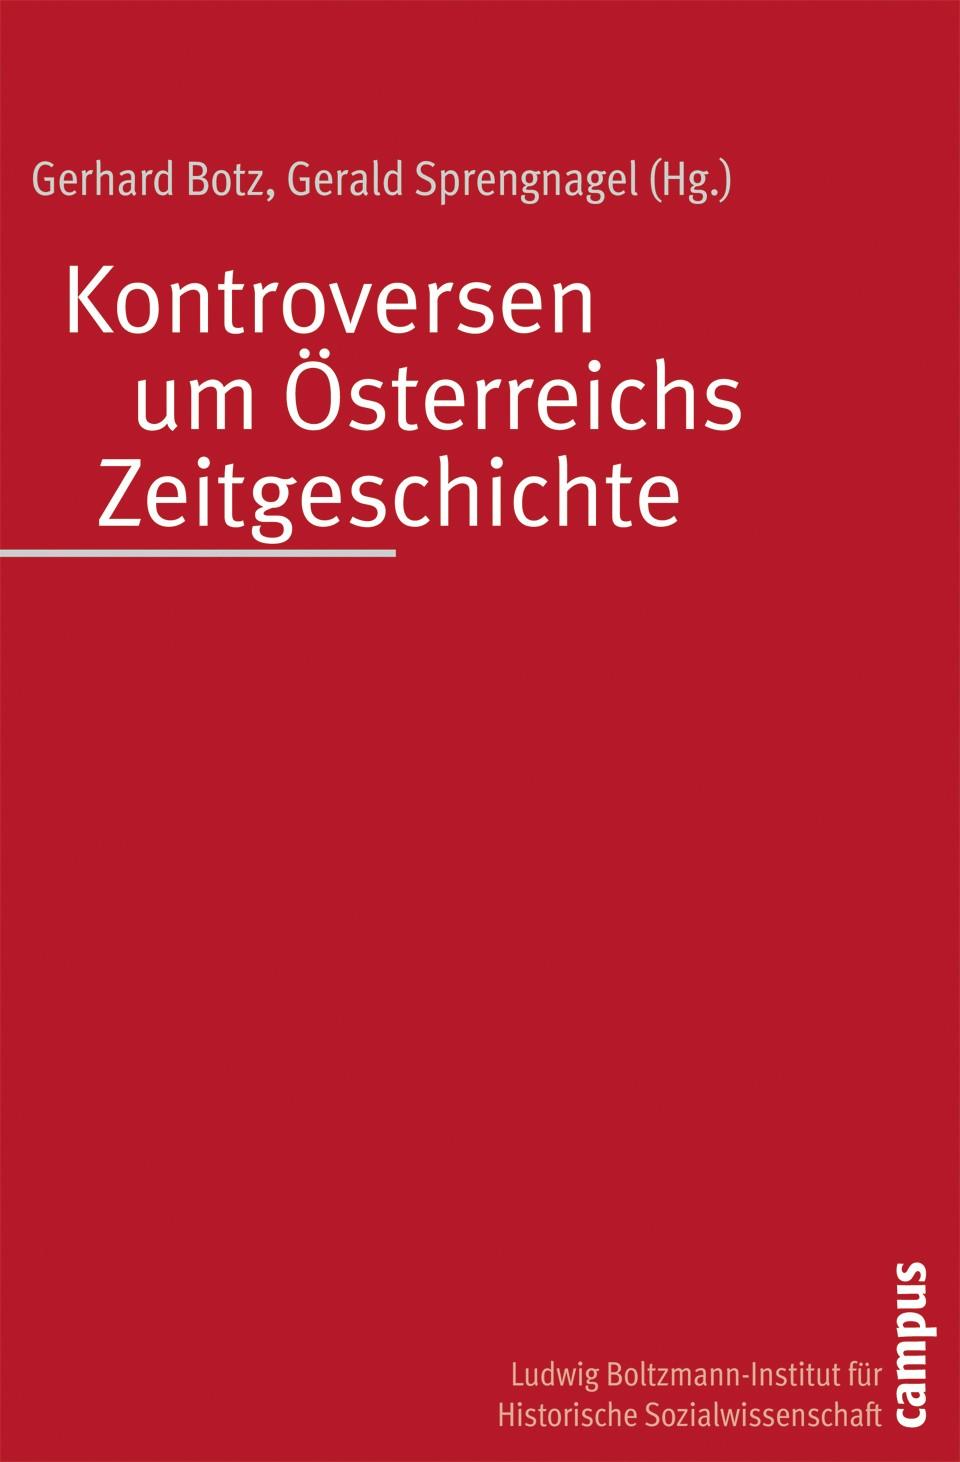 Kontroversen um Österreichs Zeitgeschichte | Botz / Sprengnagel | 2. ergänzte Neuauflage Auflage, 2008 | Buch (Cover)